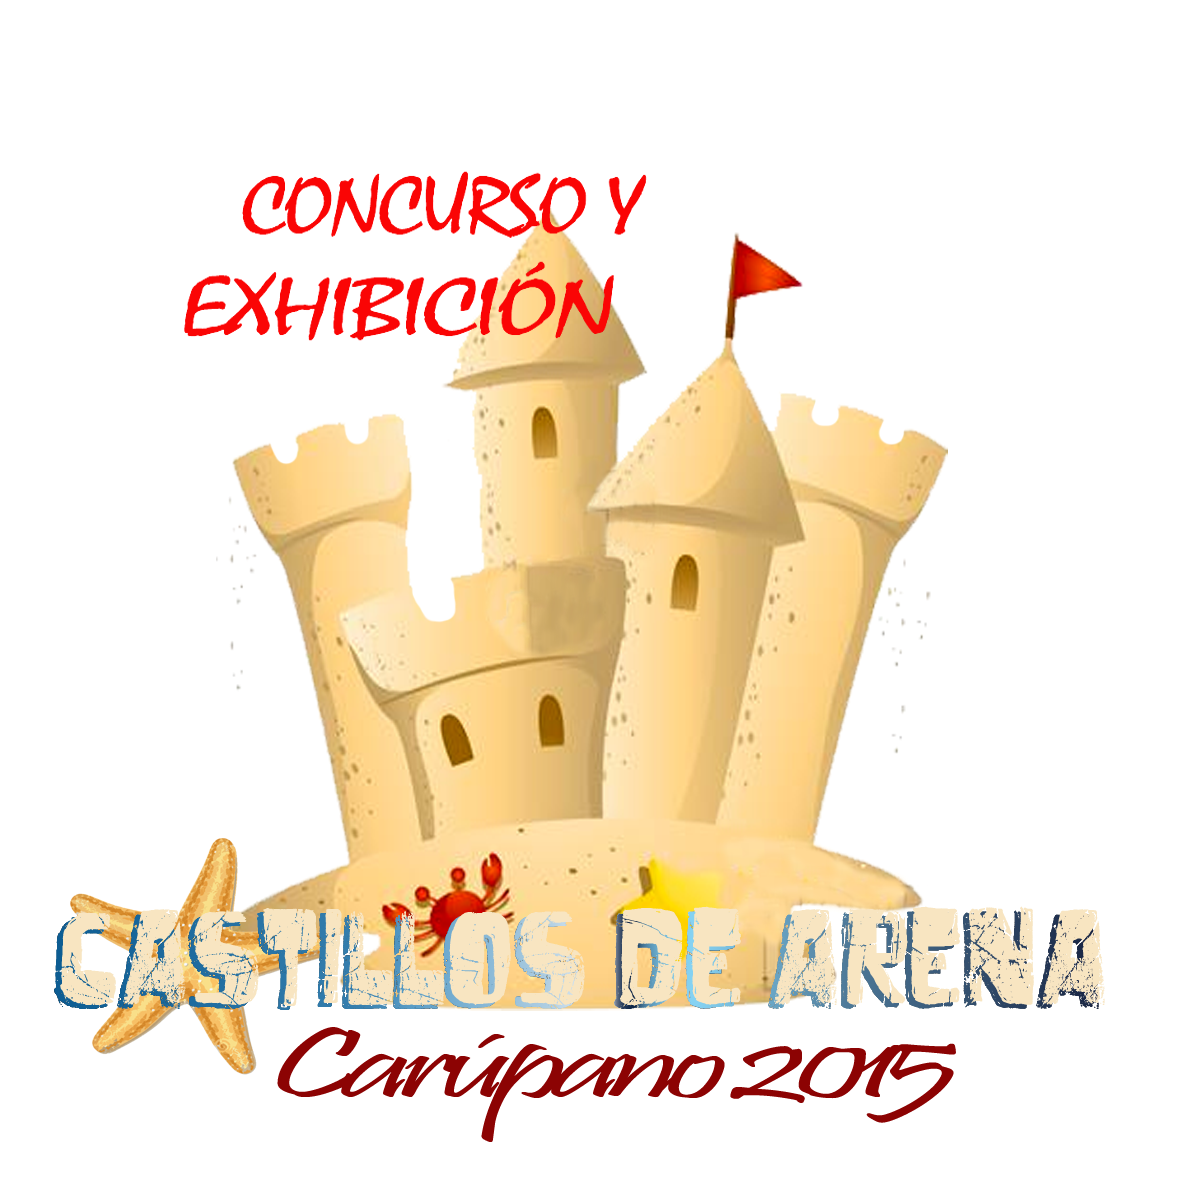 http://www.destinosdesucre.com.ve/2015/03/concurso-y-exhibicion-de-castillos-de_17.html